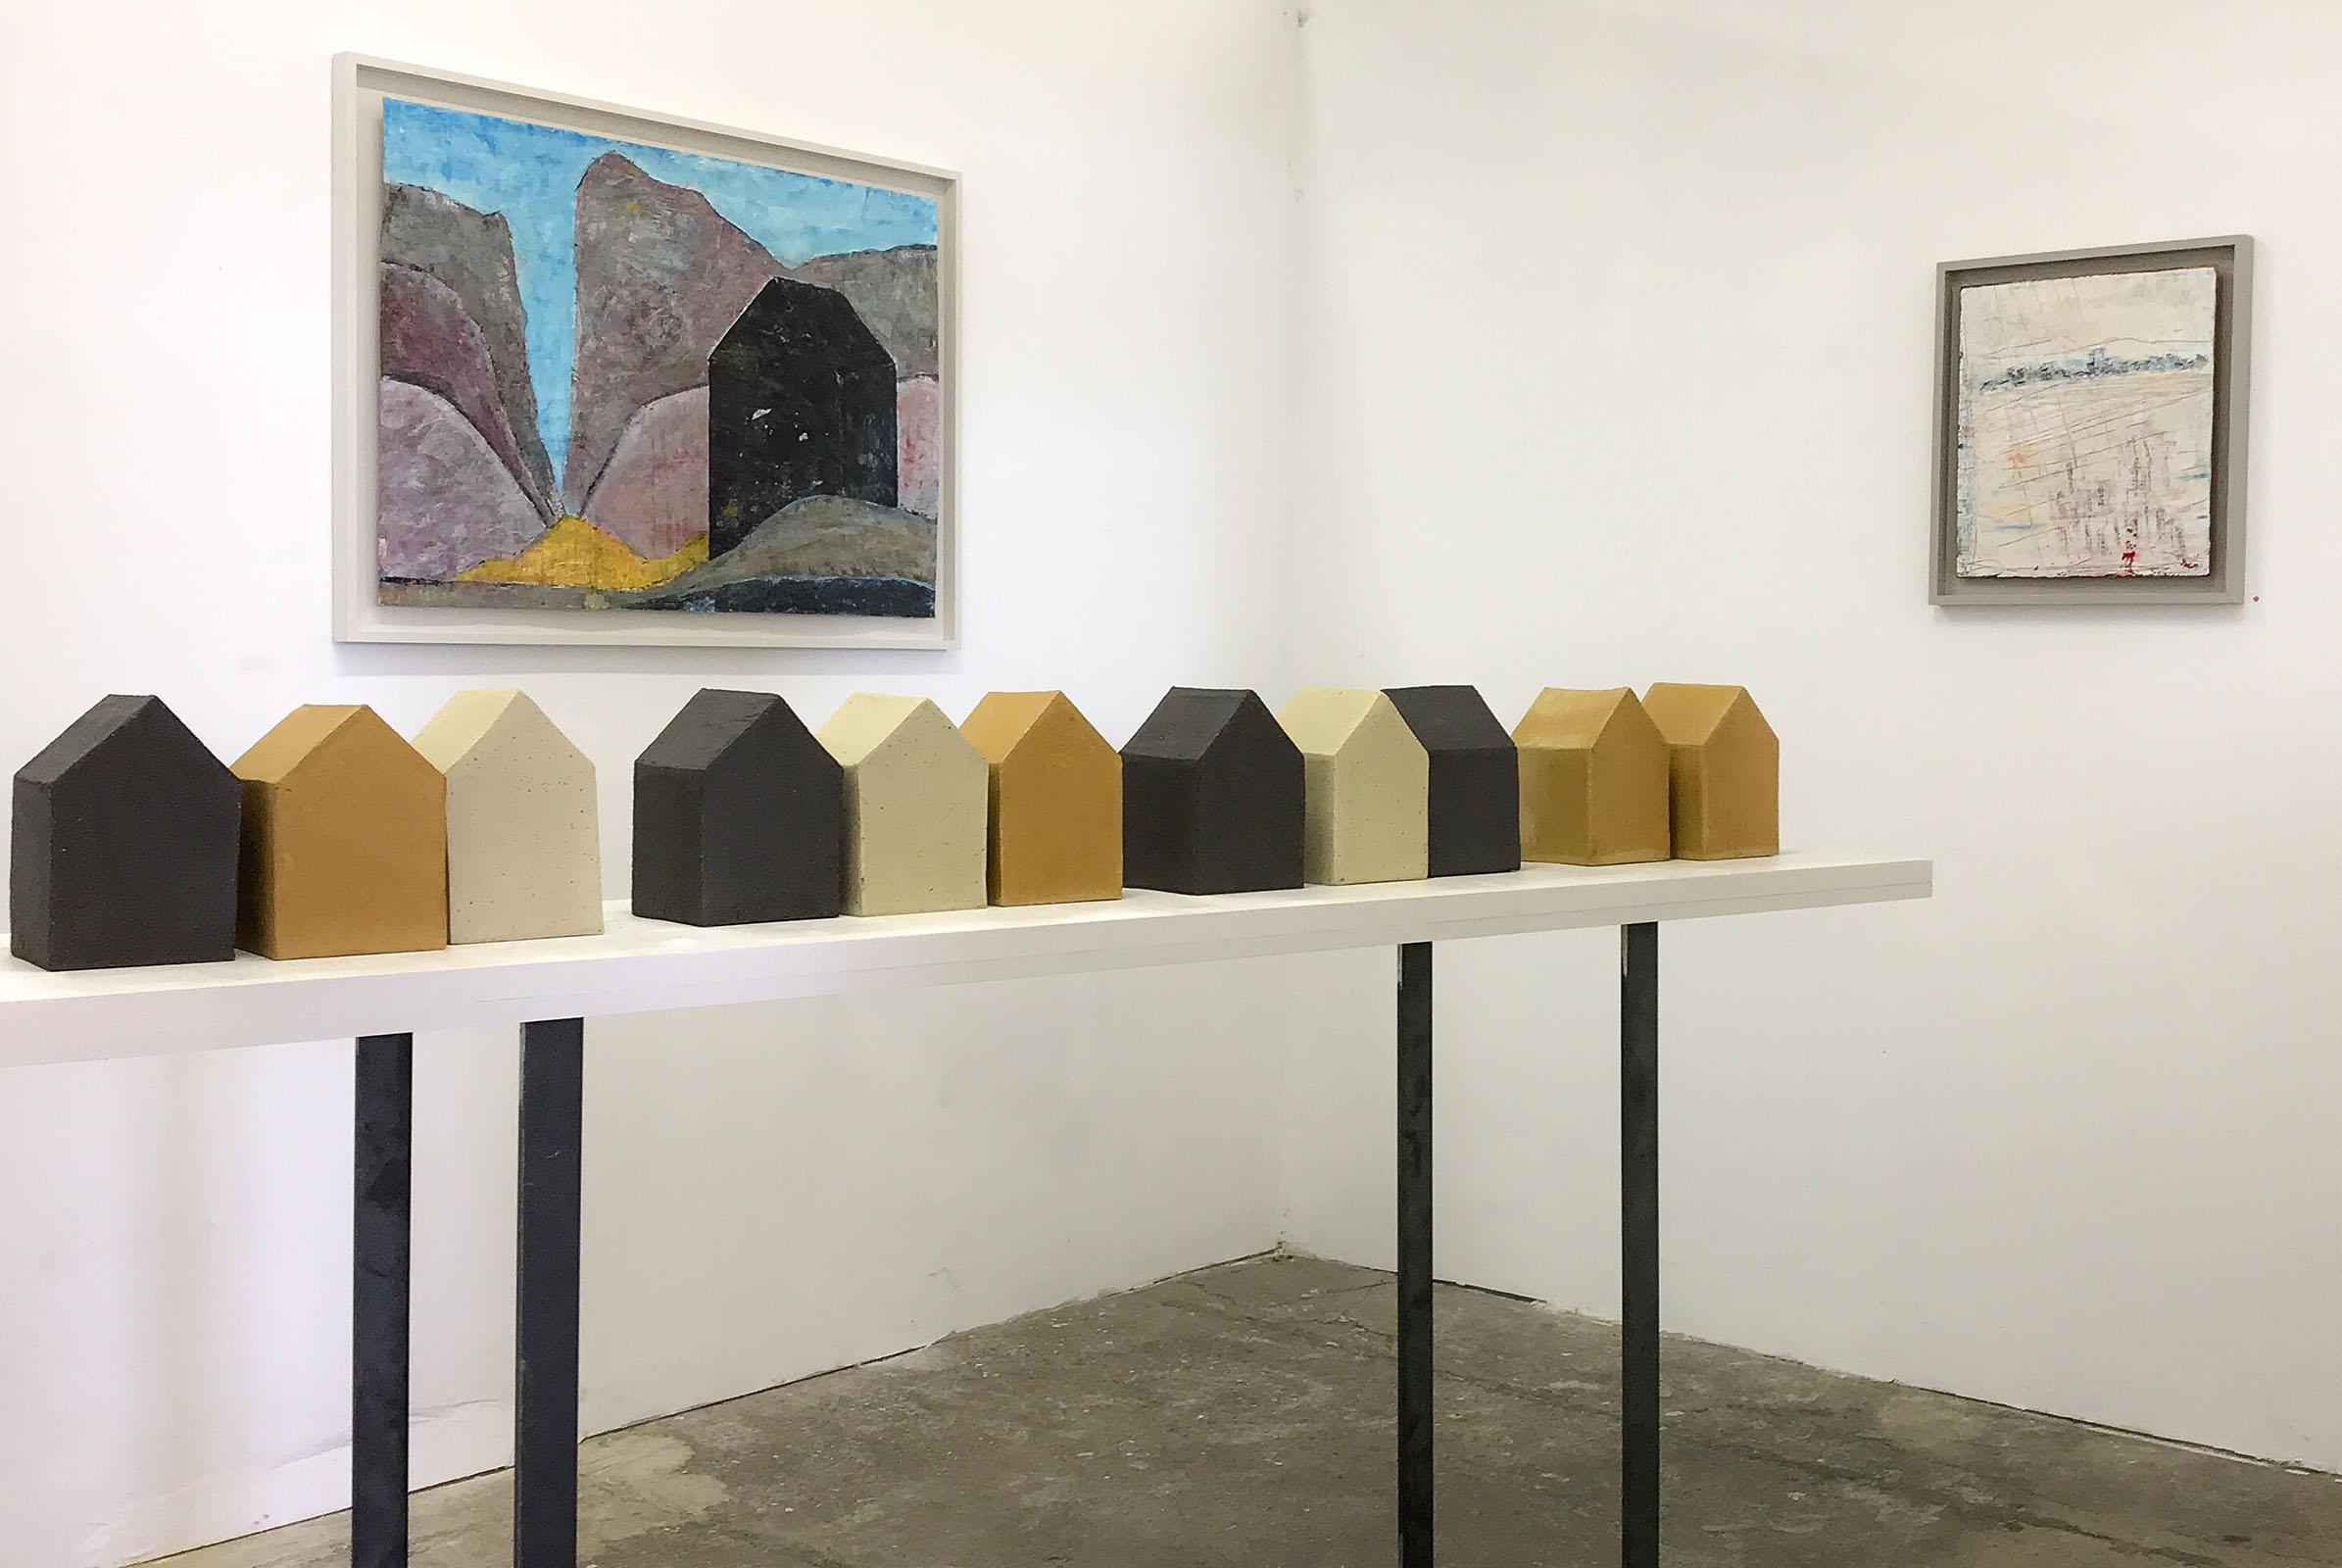 Ist es das wovon Du geträumt hast? – Installation kunstopfer – transformart Berlin – 2018